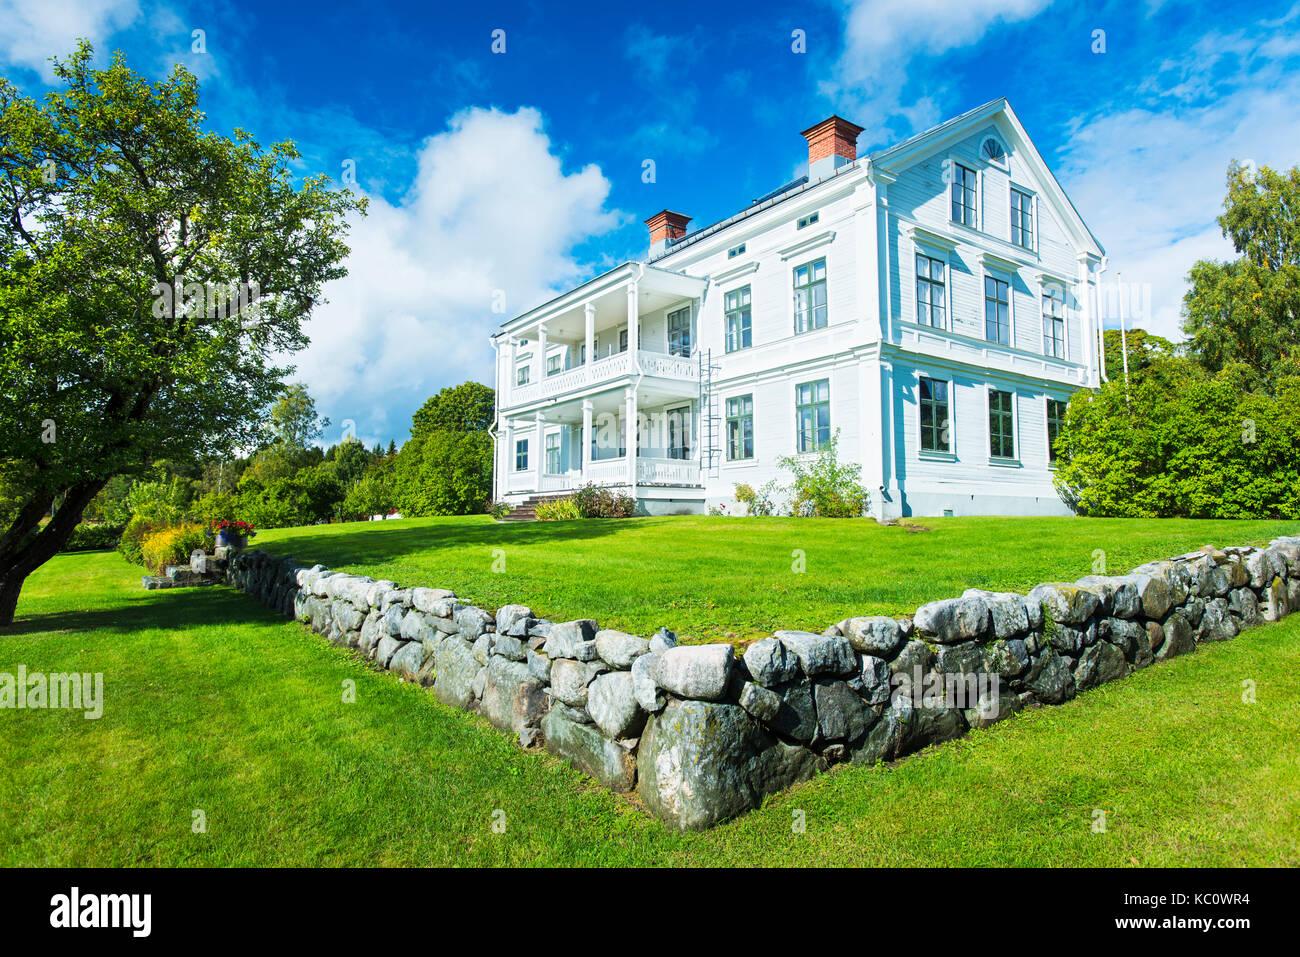 The historic mansion of Galtströms Herrgård in Galtströms, Sweden - Stock Image